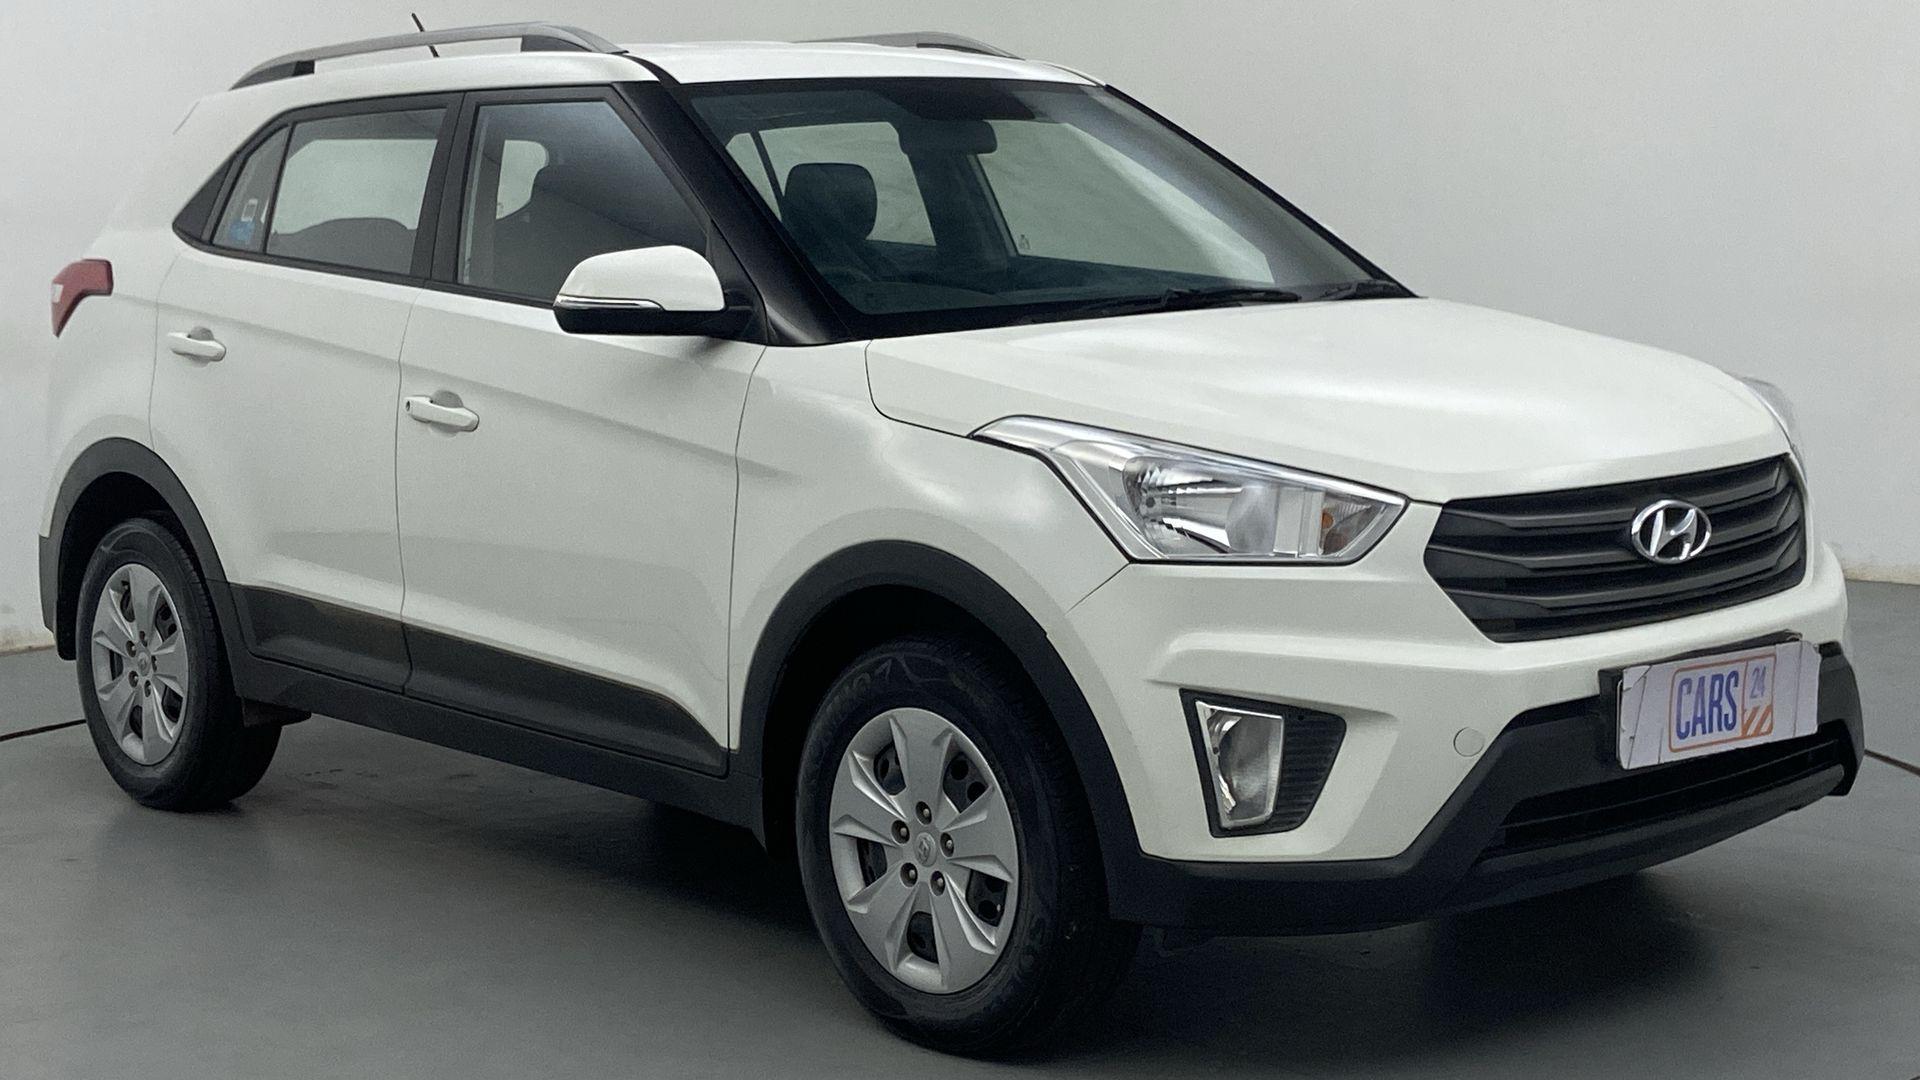 2018 Hyundai Creta 1.6 E + VTVT